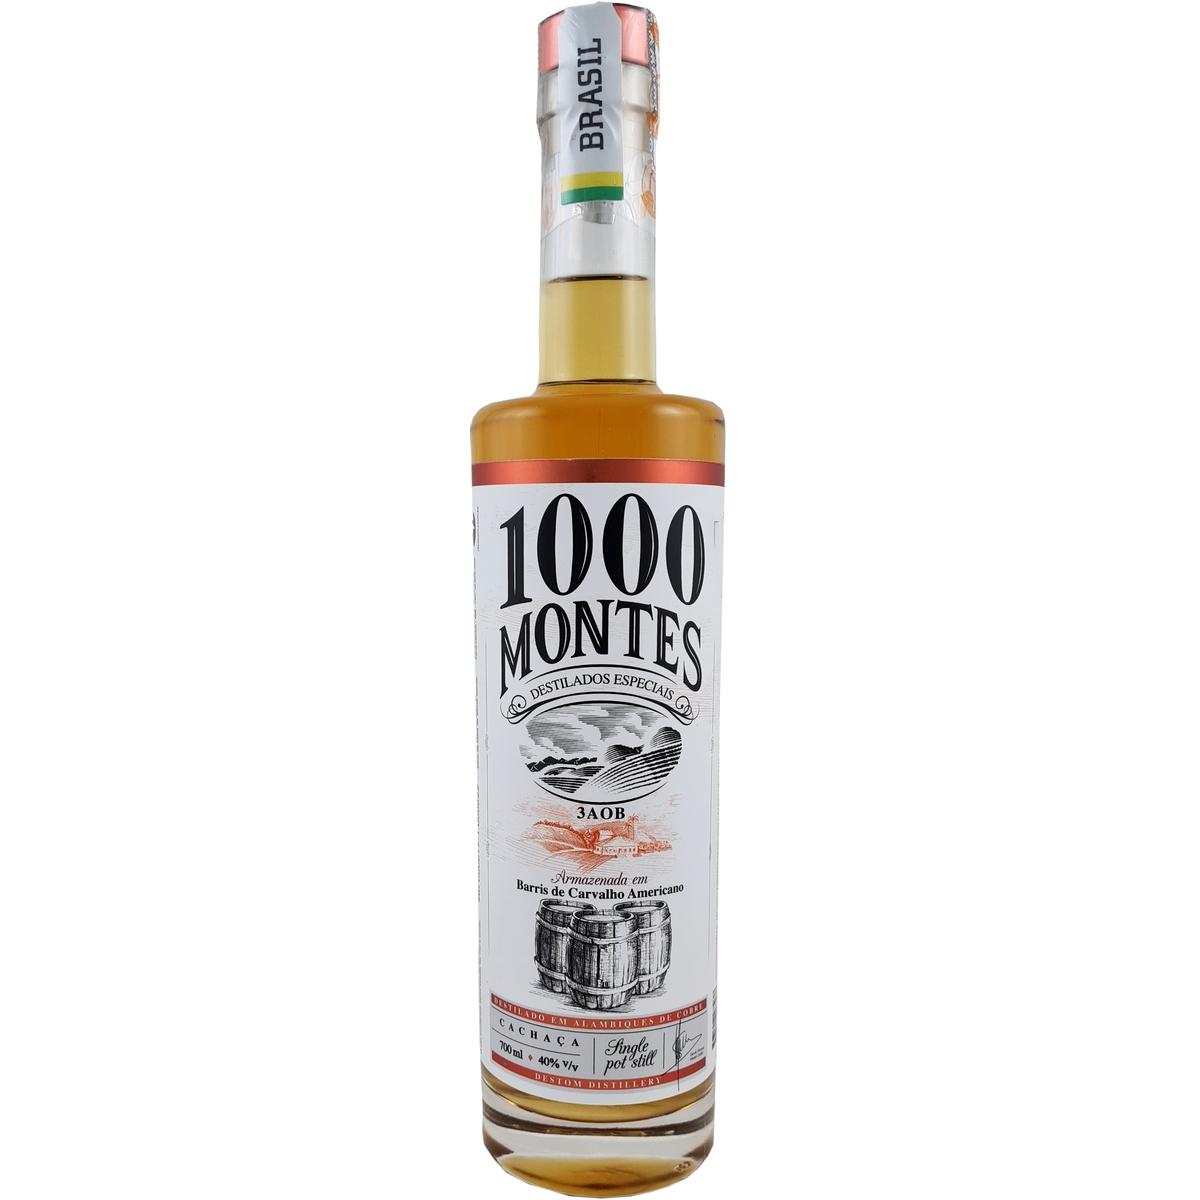 Cachaça 1000 Montes Carvalho 3AOB 700ml